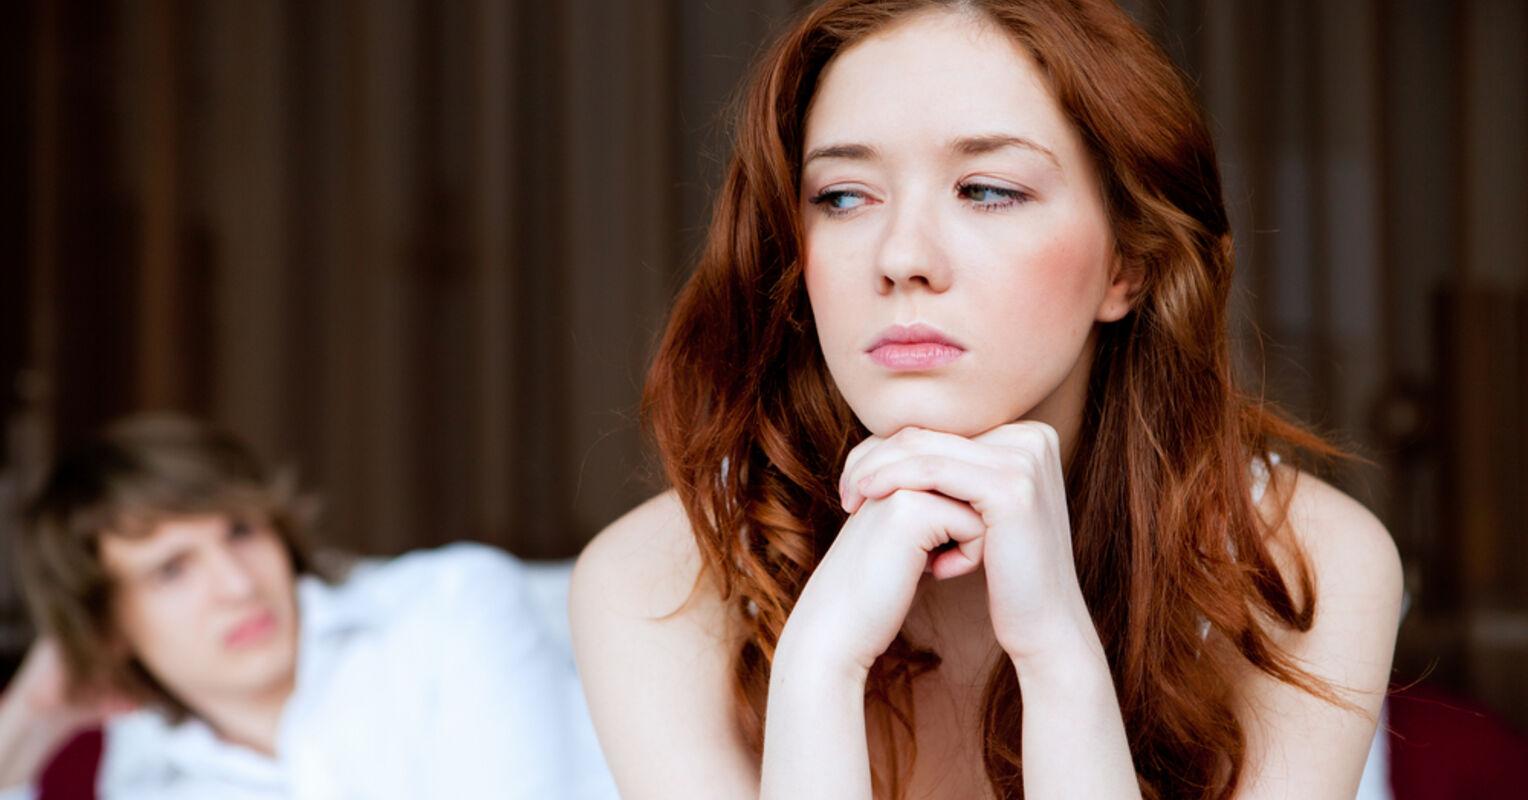 5 Δικαιολογίες για να Αποφύγετε το Σεξ με τον Σύντροφό σας.